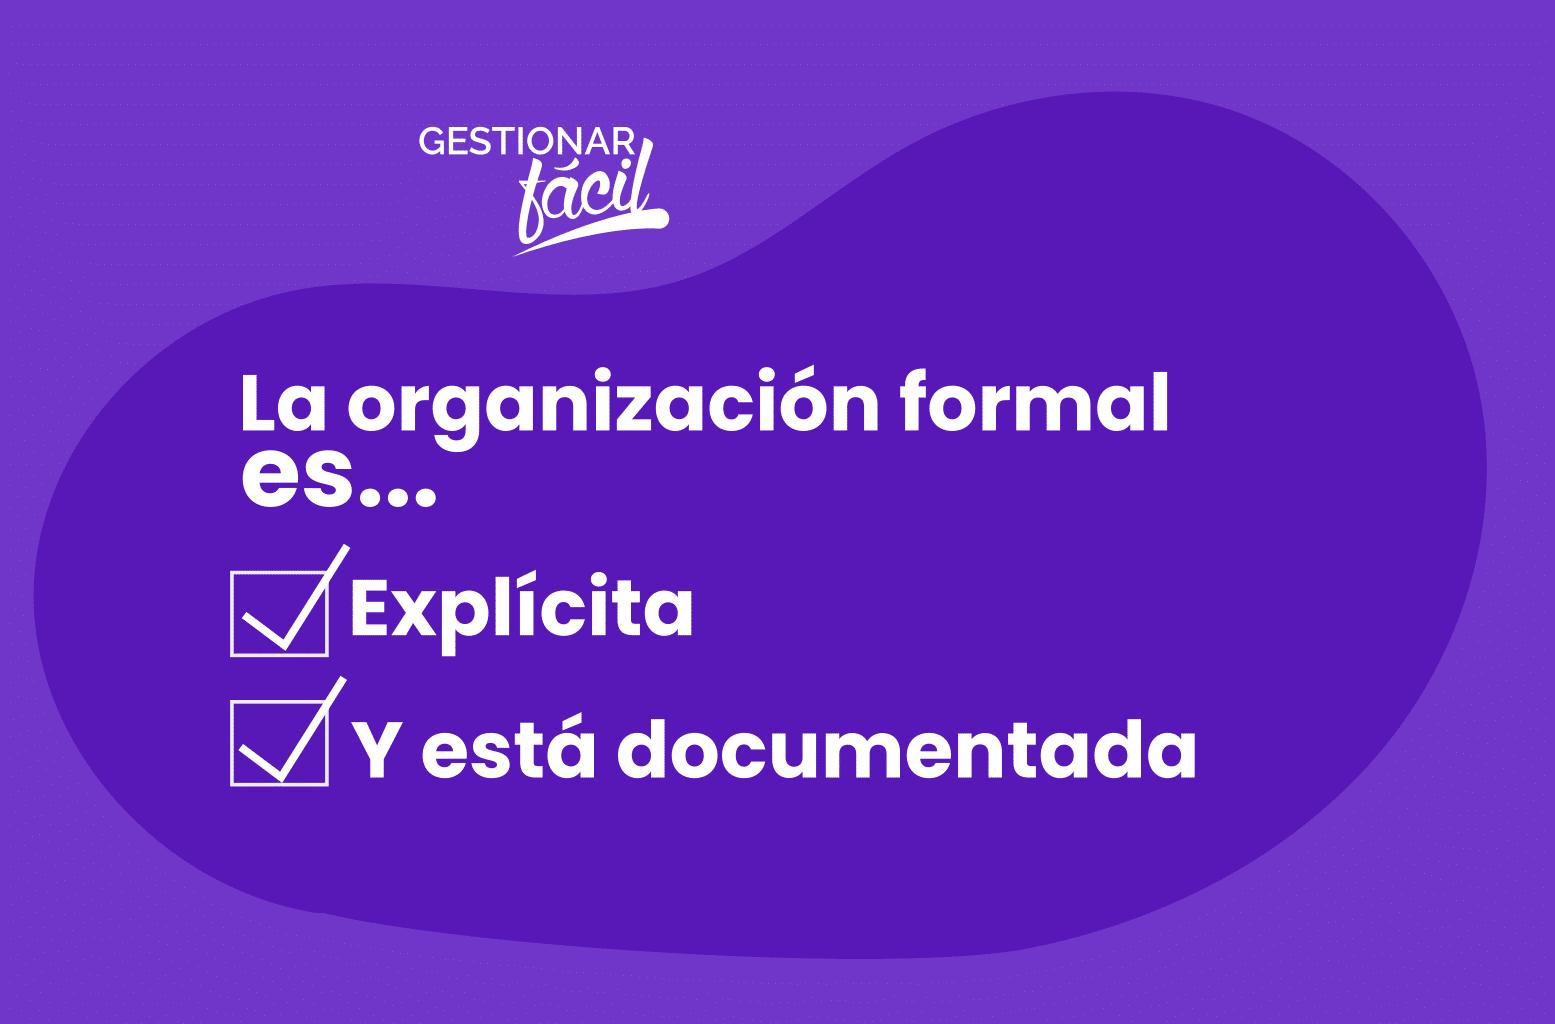 La organización formal es explícita y está documentada.